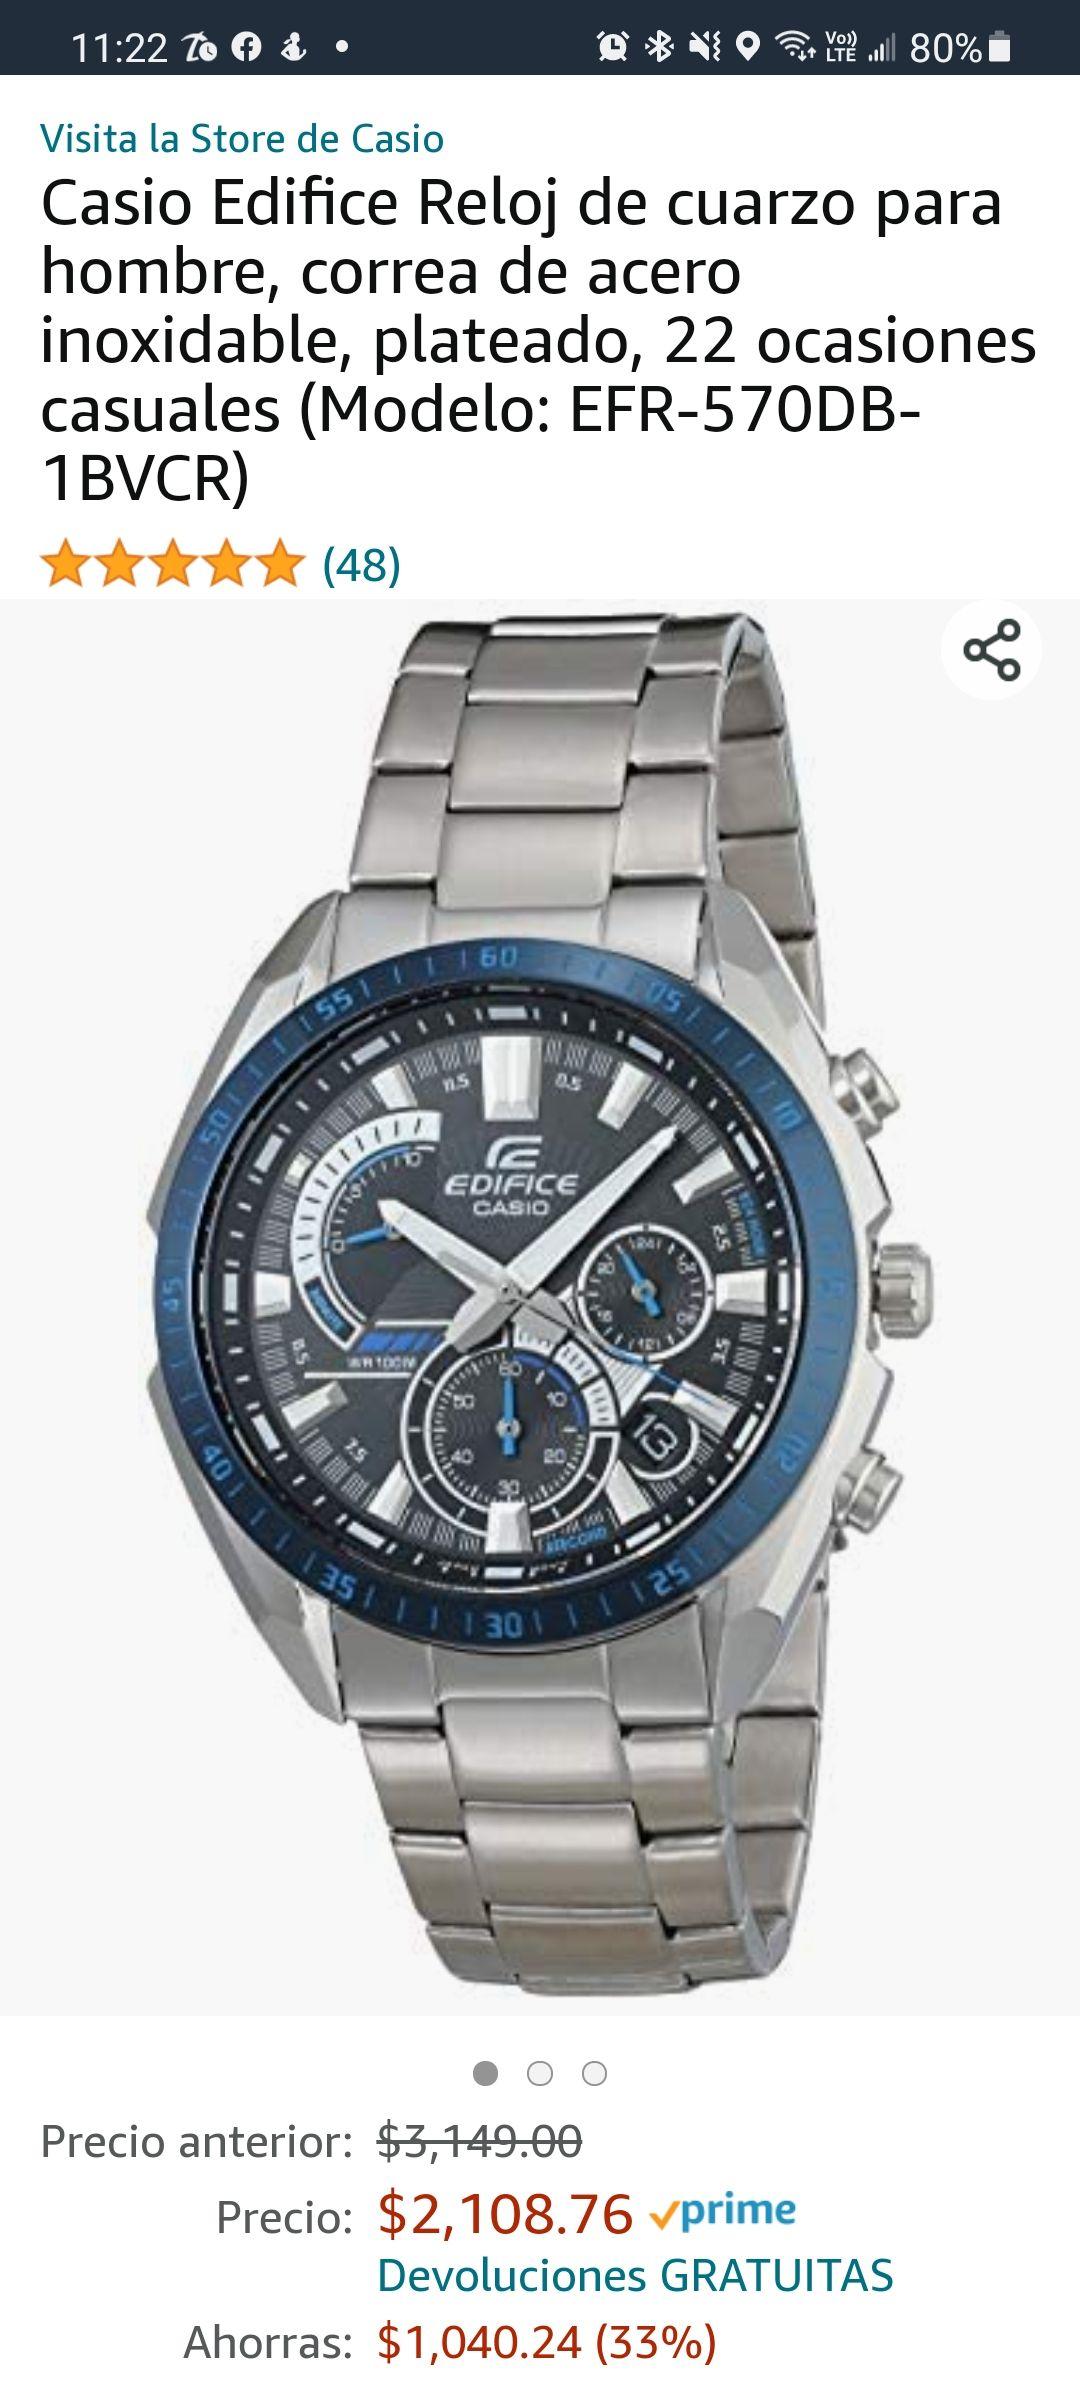 Amazon: Casio Edifice Reloj de cuarzo para hombre, correa de acero inoxidable, plateado